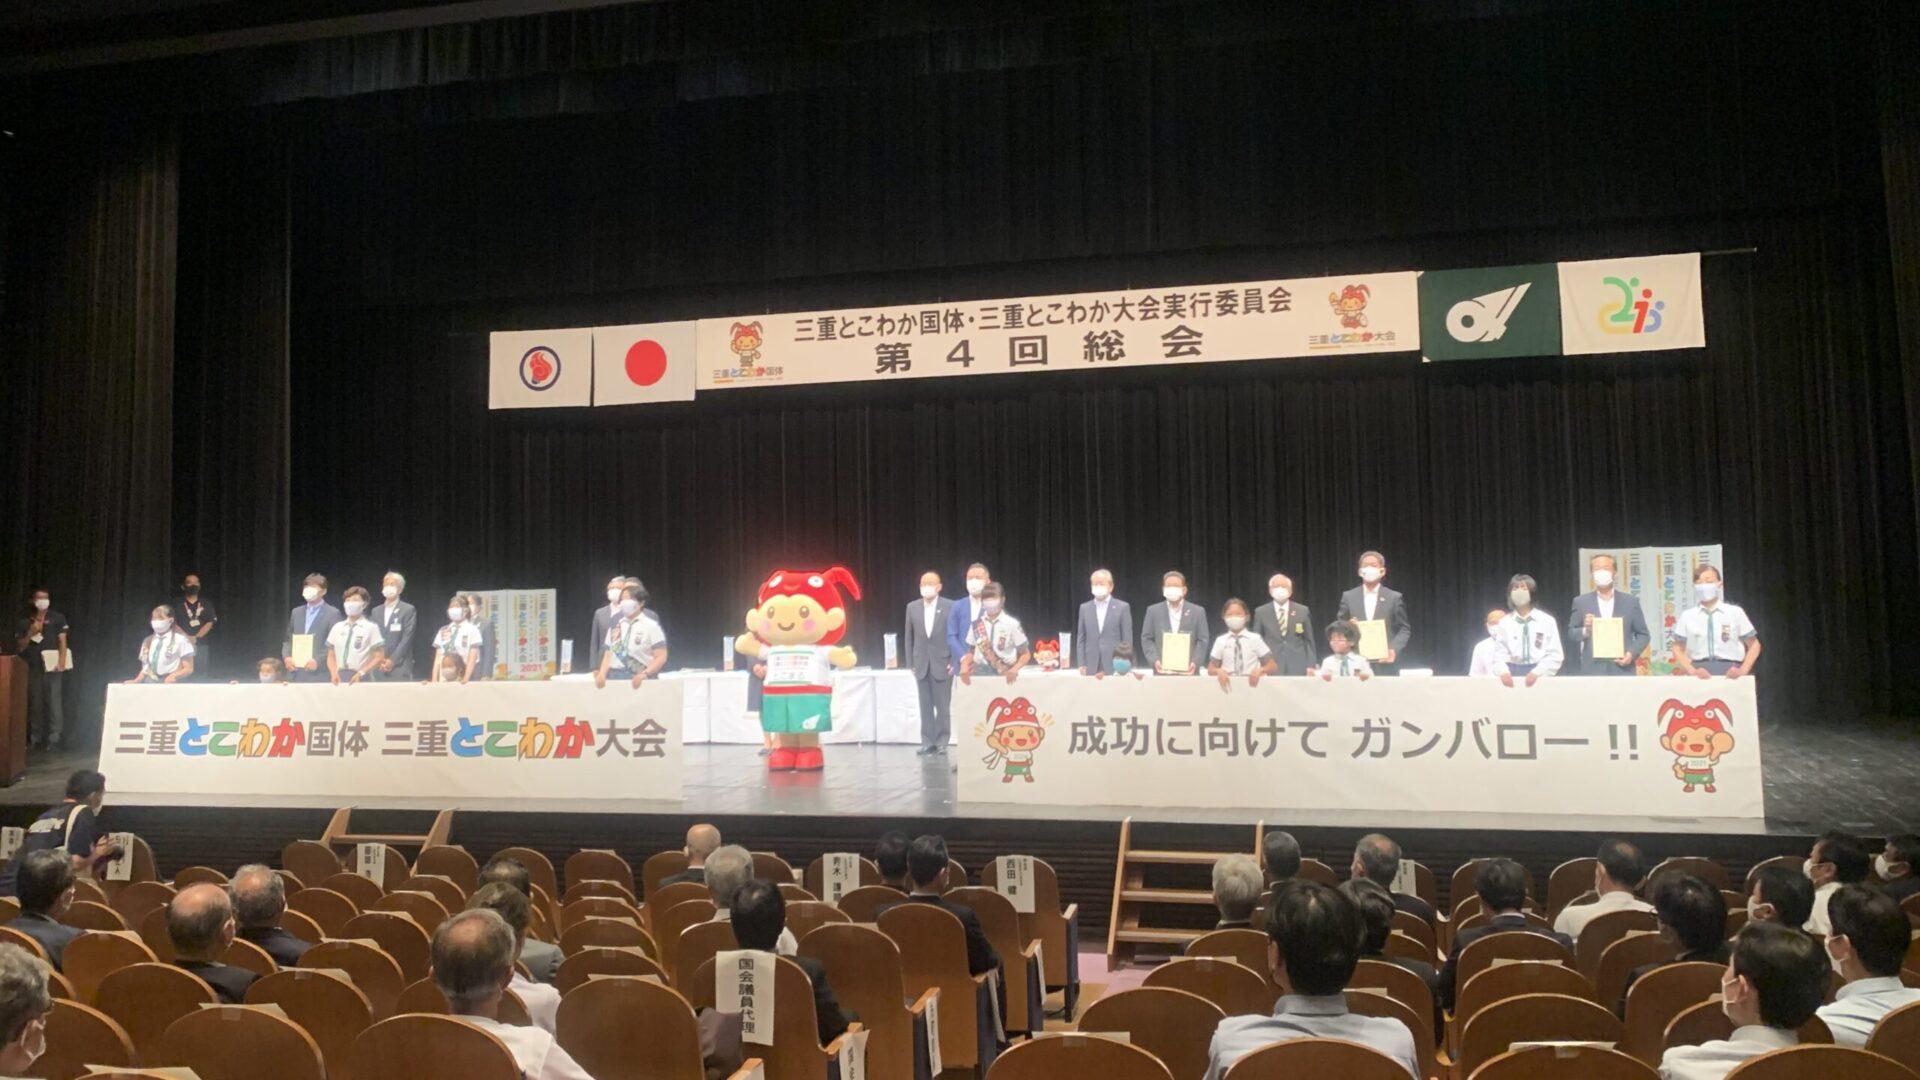 東京五輪が盛り上がっていますが三重とこわか国体開催ももう間近